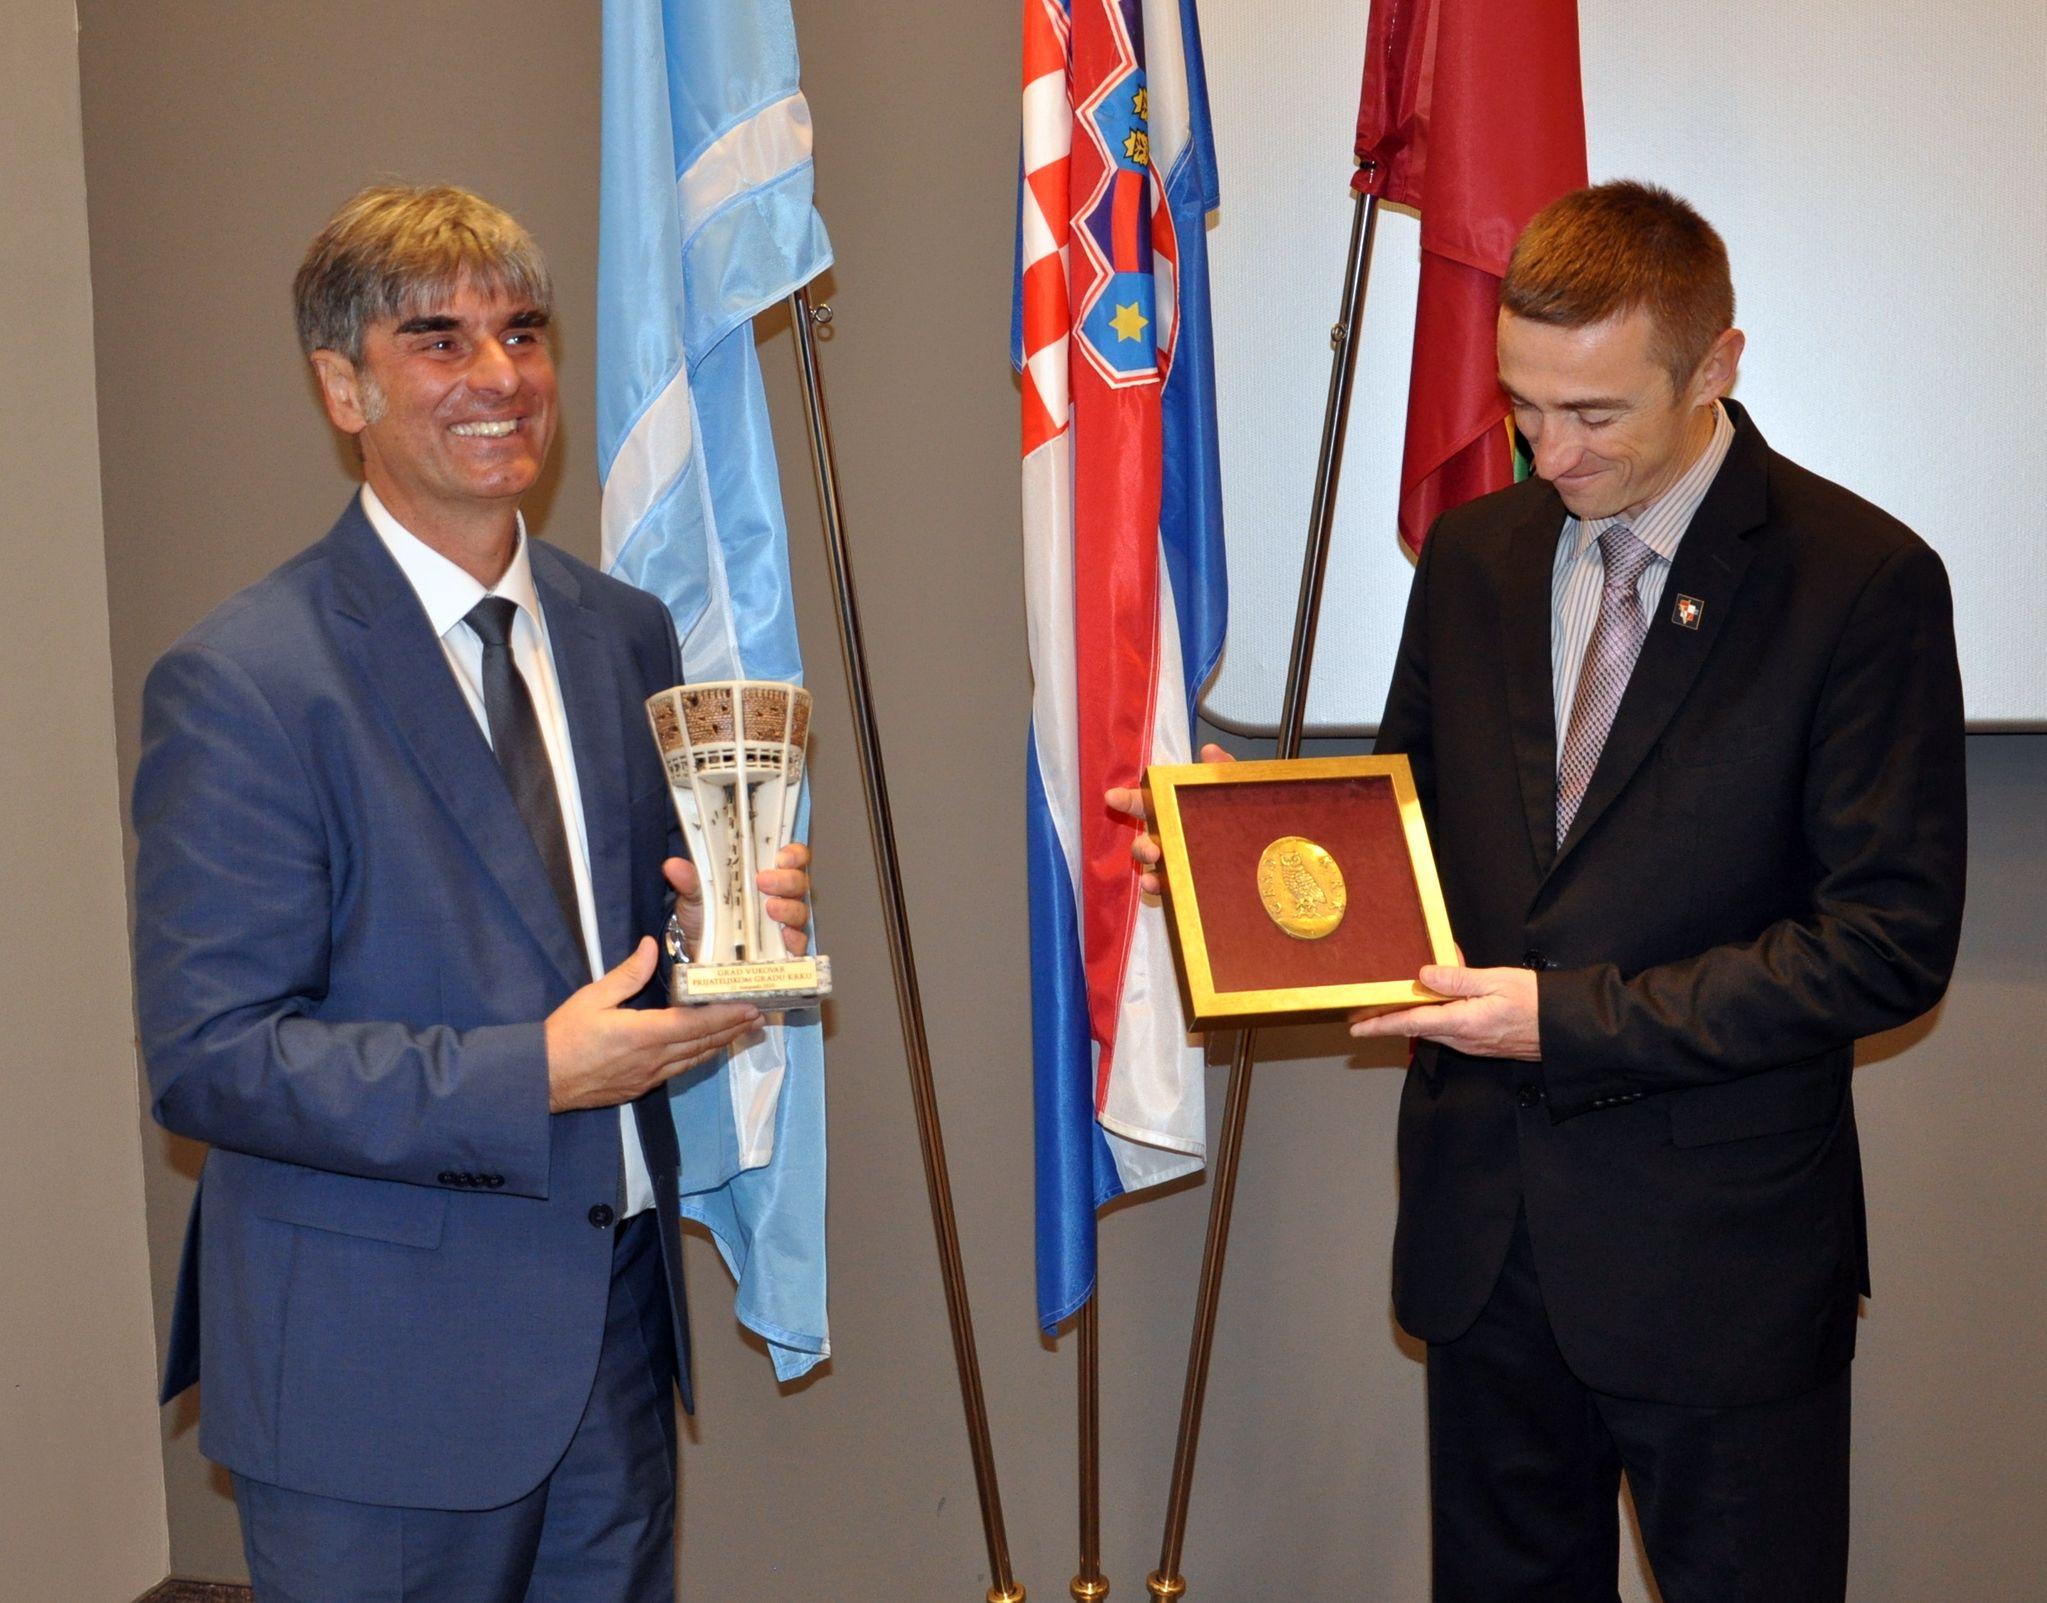 Nakon potpisa Povelje o prijateljstvu Darijo Vasilić i Ivan Penava razmijenili darove / Foto M. TRINAJSTIĆ